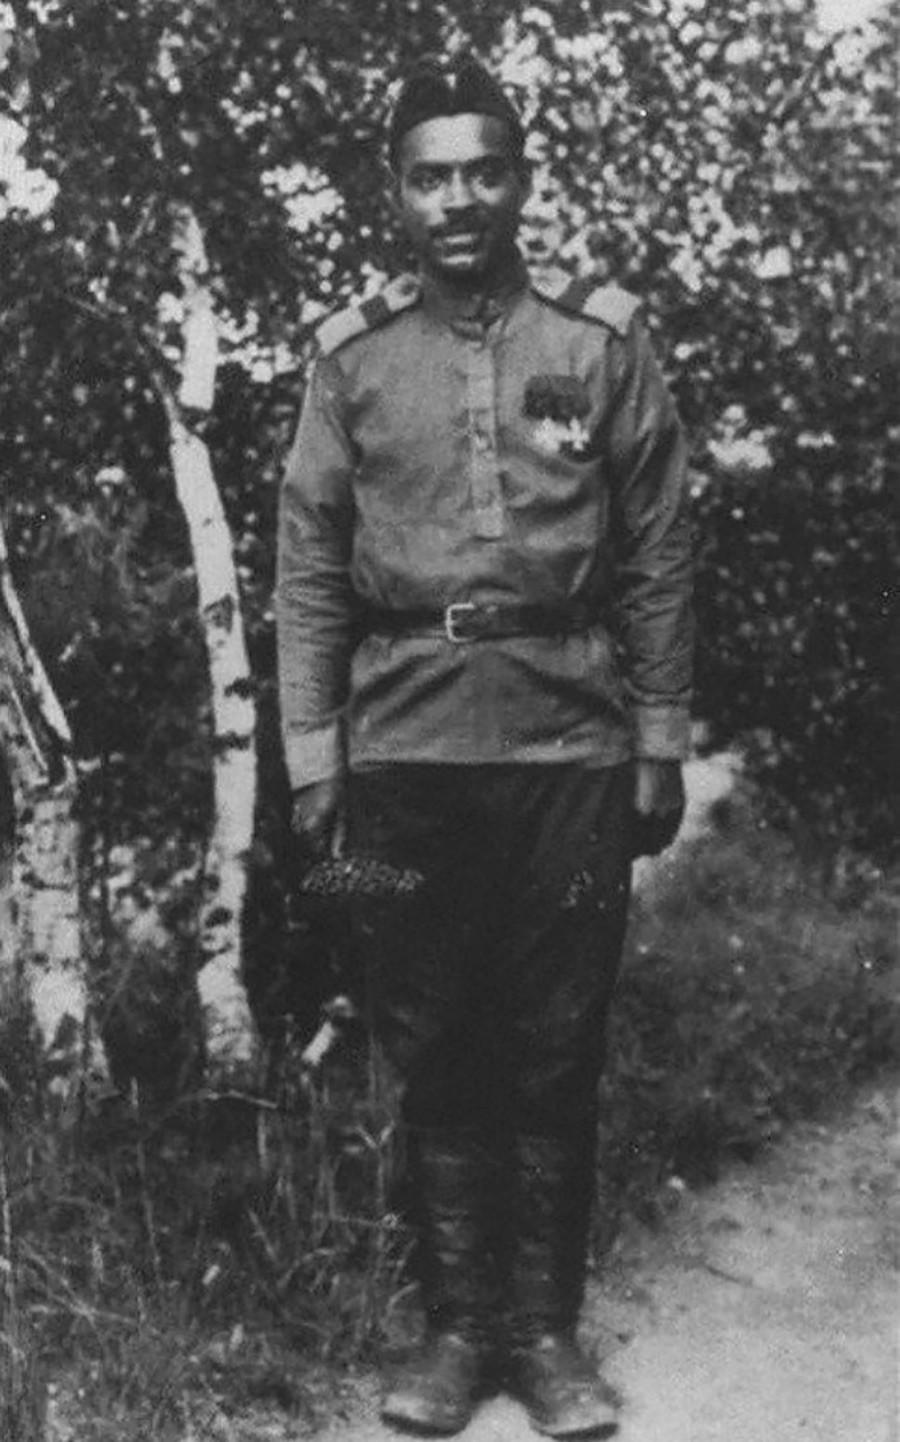 重爆撃機「イリヤ・ムーロメツ」の機関銃手, ロシア空軍の 下士官、マルセル・プリャ。1916年。